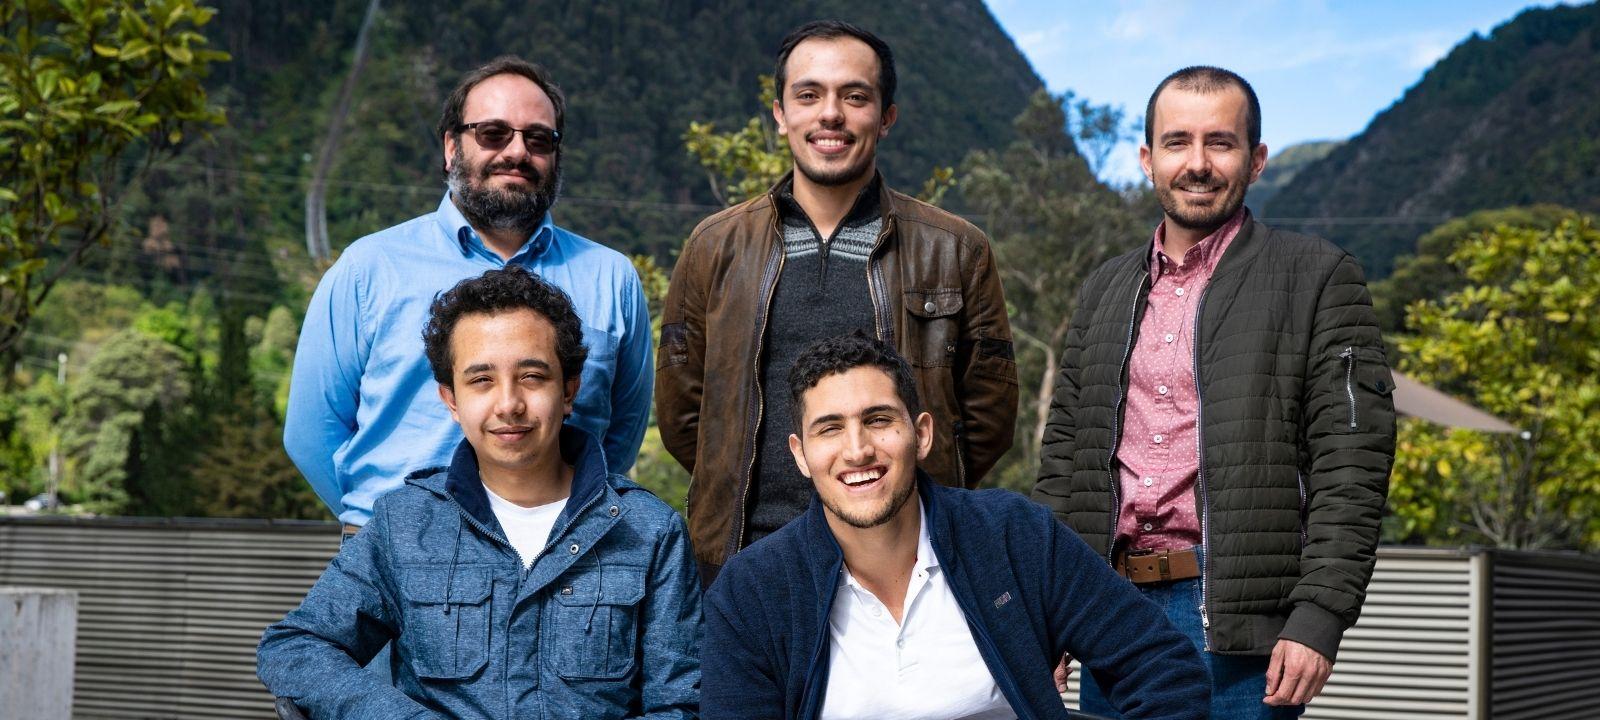 Nicanor Quijano, Daniel Ochoa, Luis Felipe Giraldo, Luis Fernando Burbano y Diego Gómez, investigadores del Departamento de Ingeniería Eléctrica y Electrónica de la Universidad de los Andes